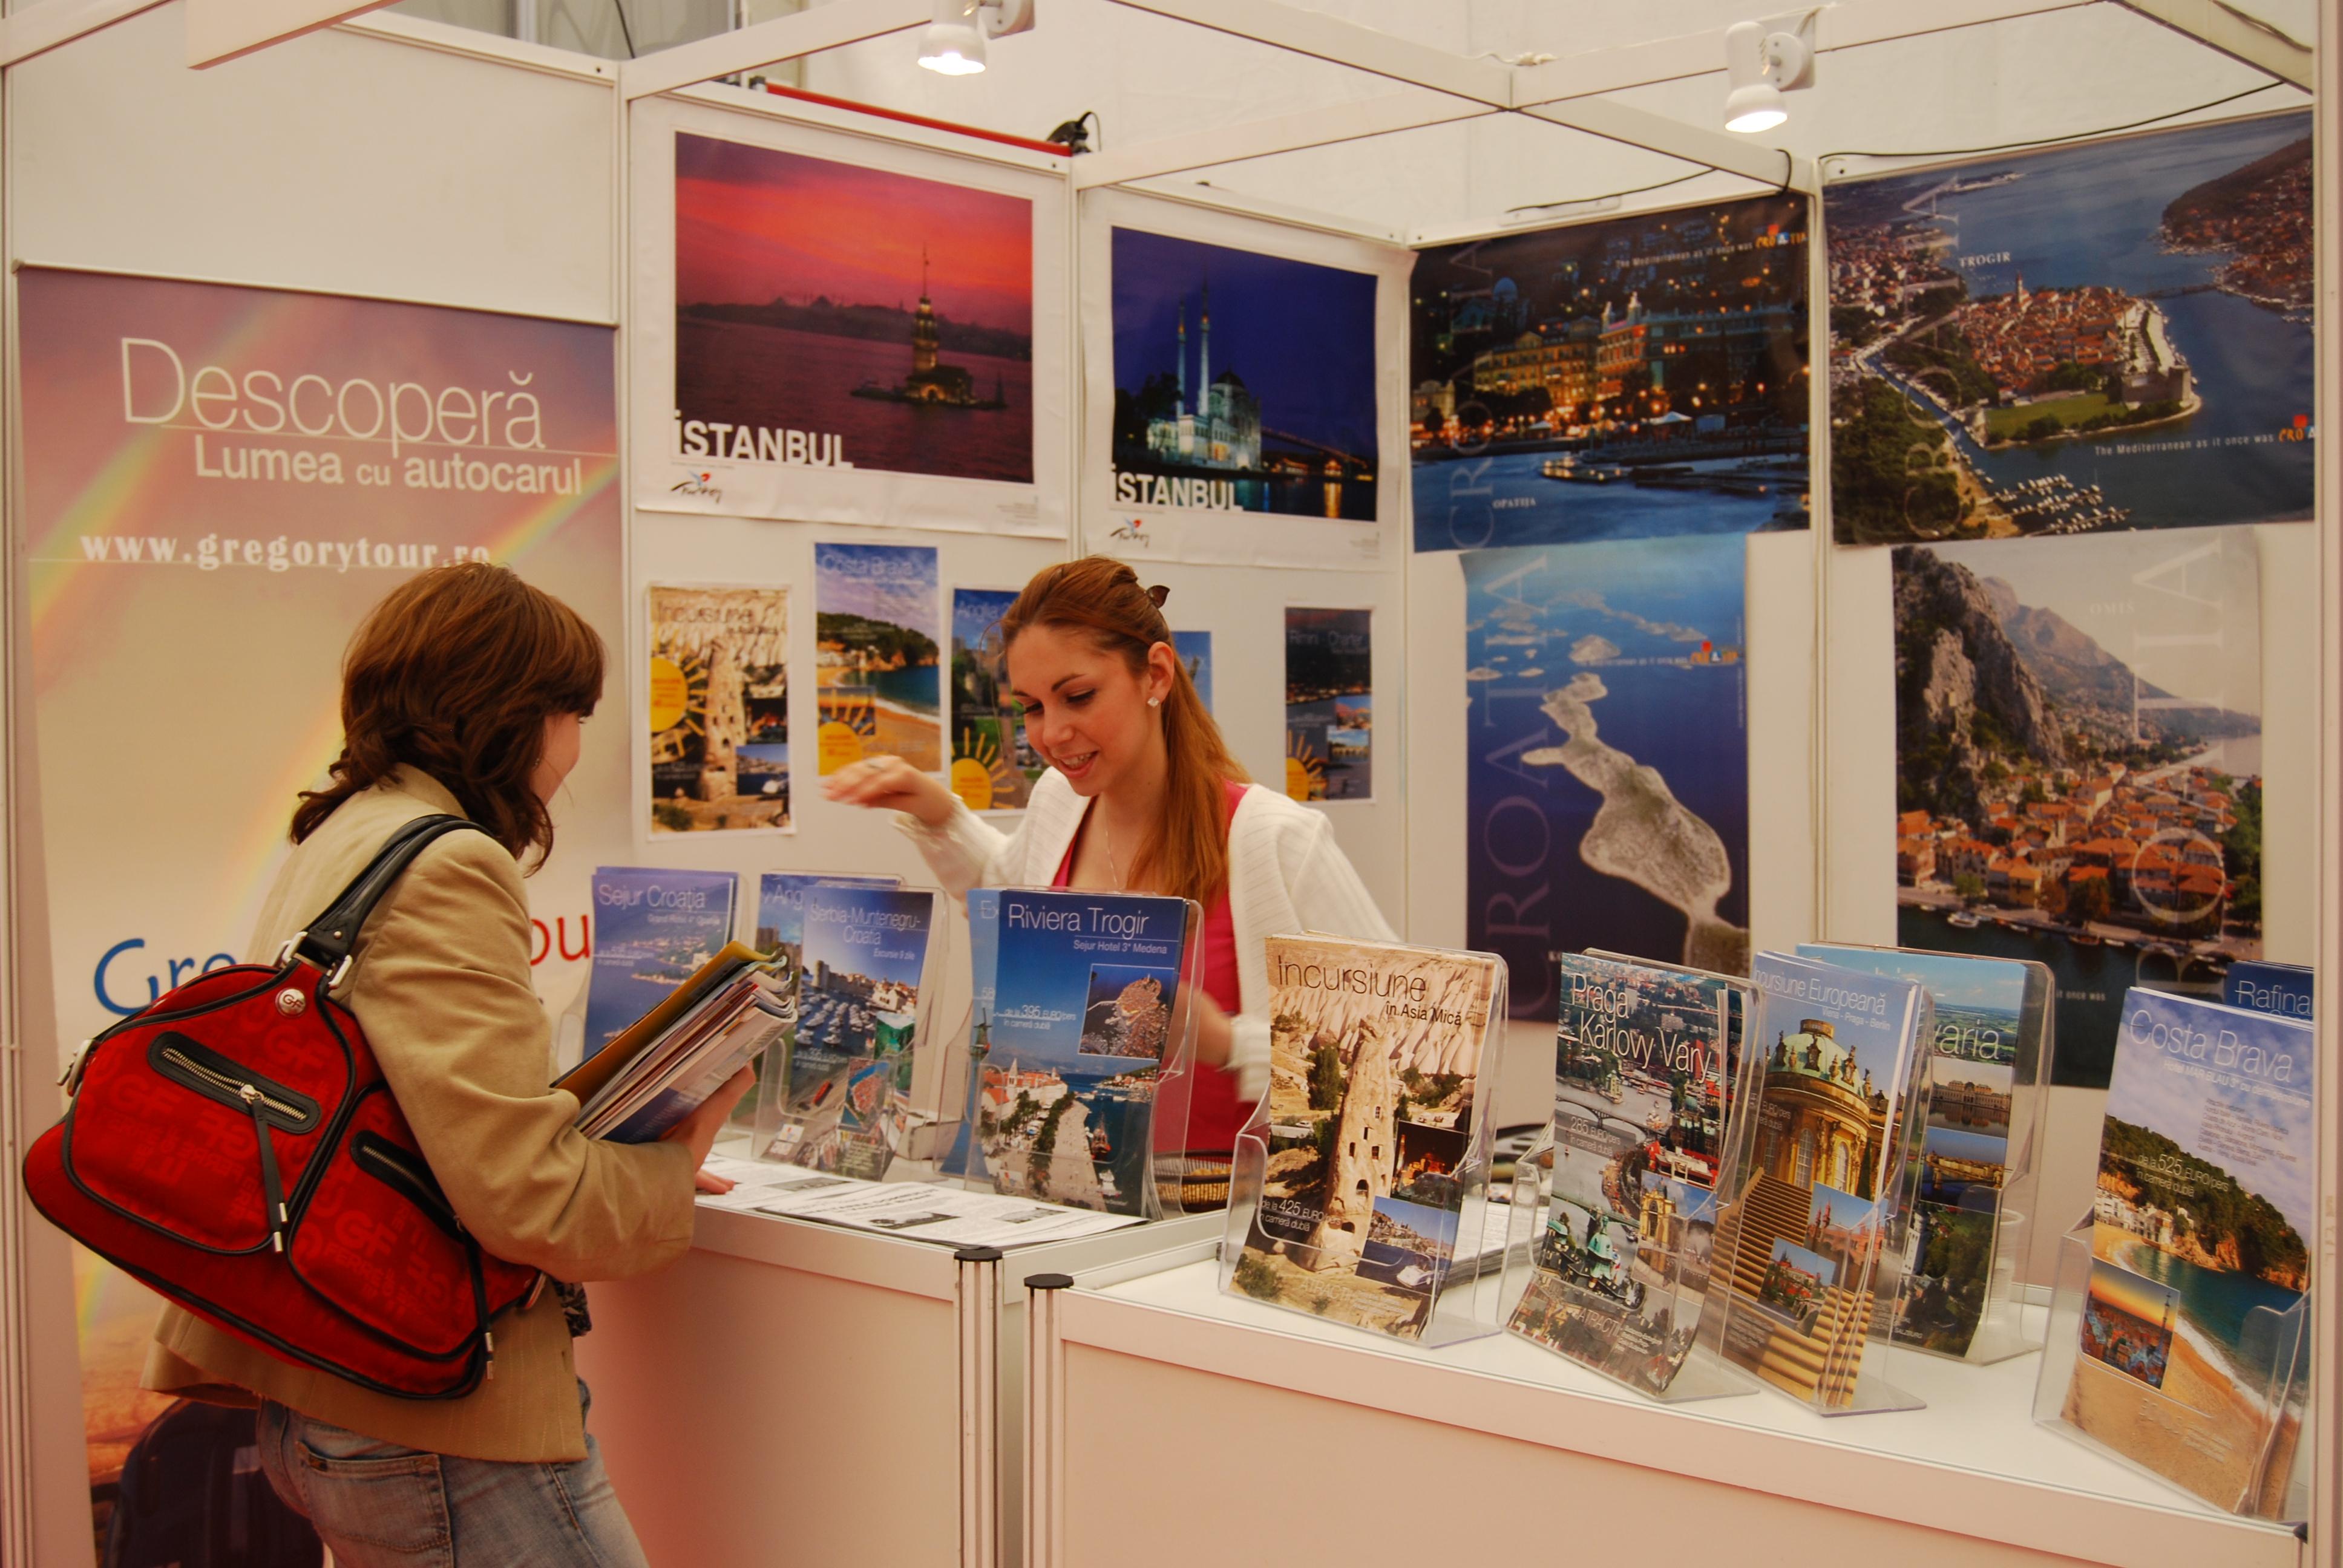 Practică în agenții de turism, pentru studenți